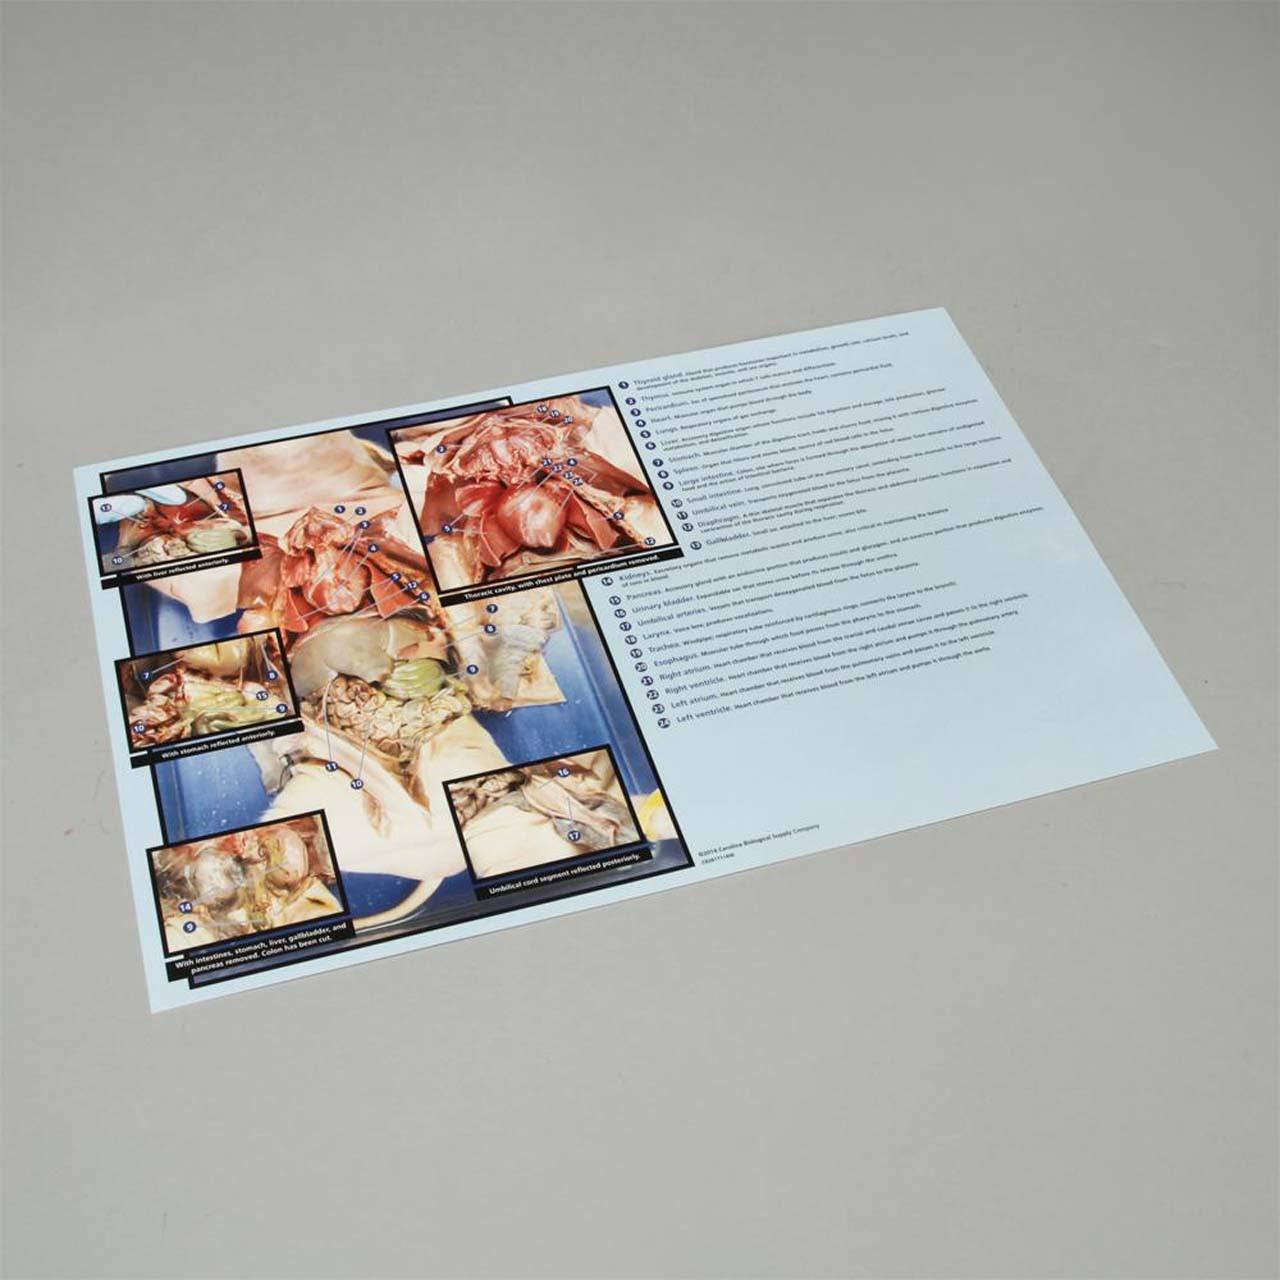 Pig dissection mat 28cm x 43cm